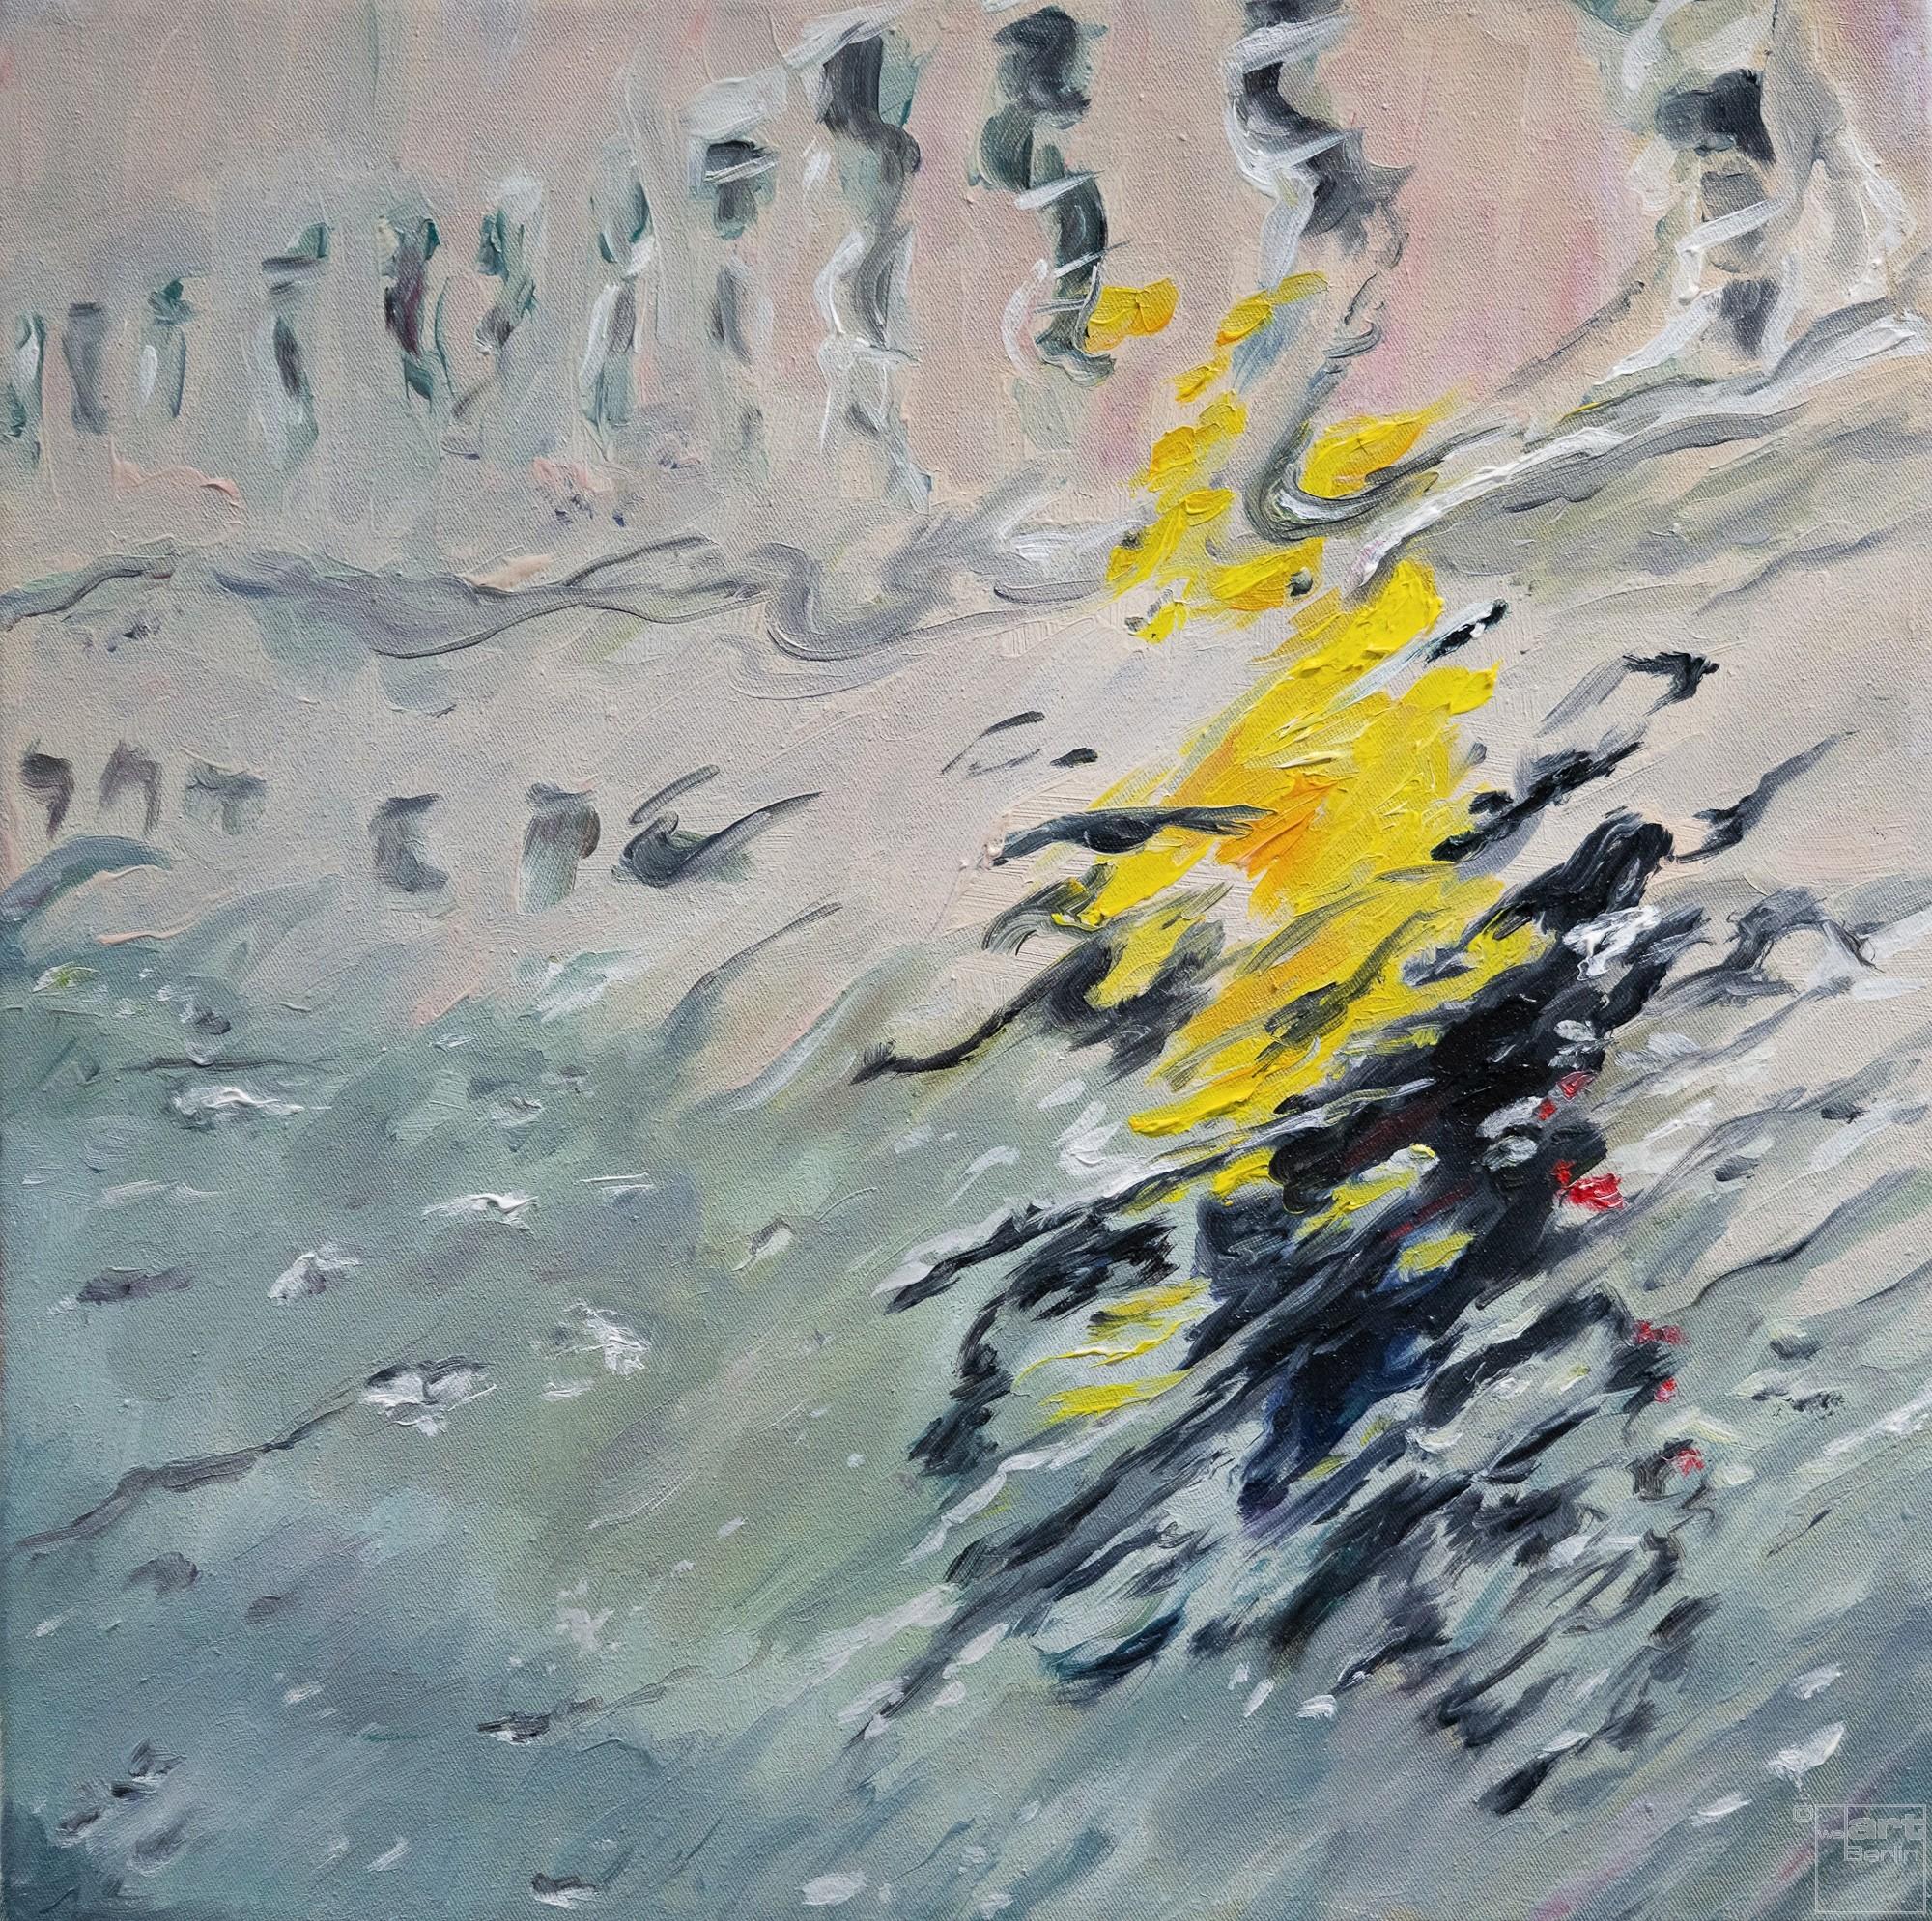 Yellow impression | Malerei von Künstlerin Simone Westphal, Öl auf Leinwand